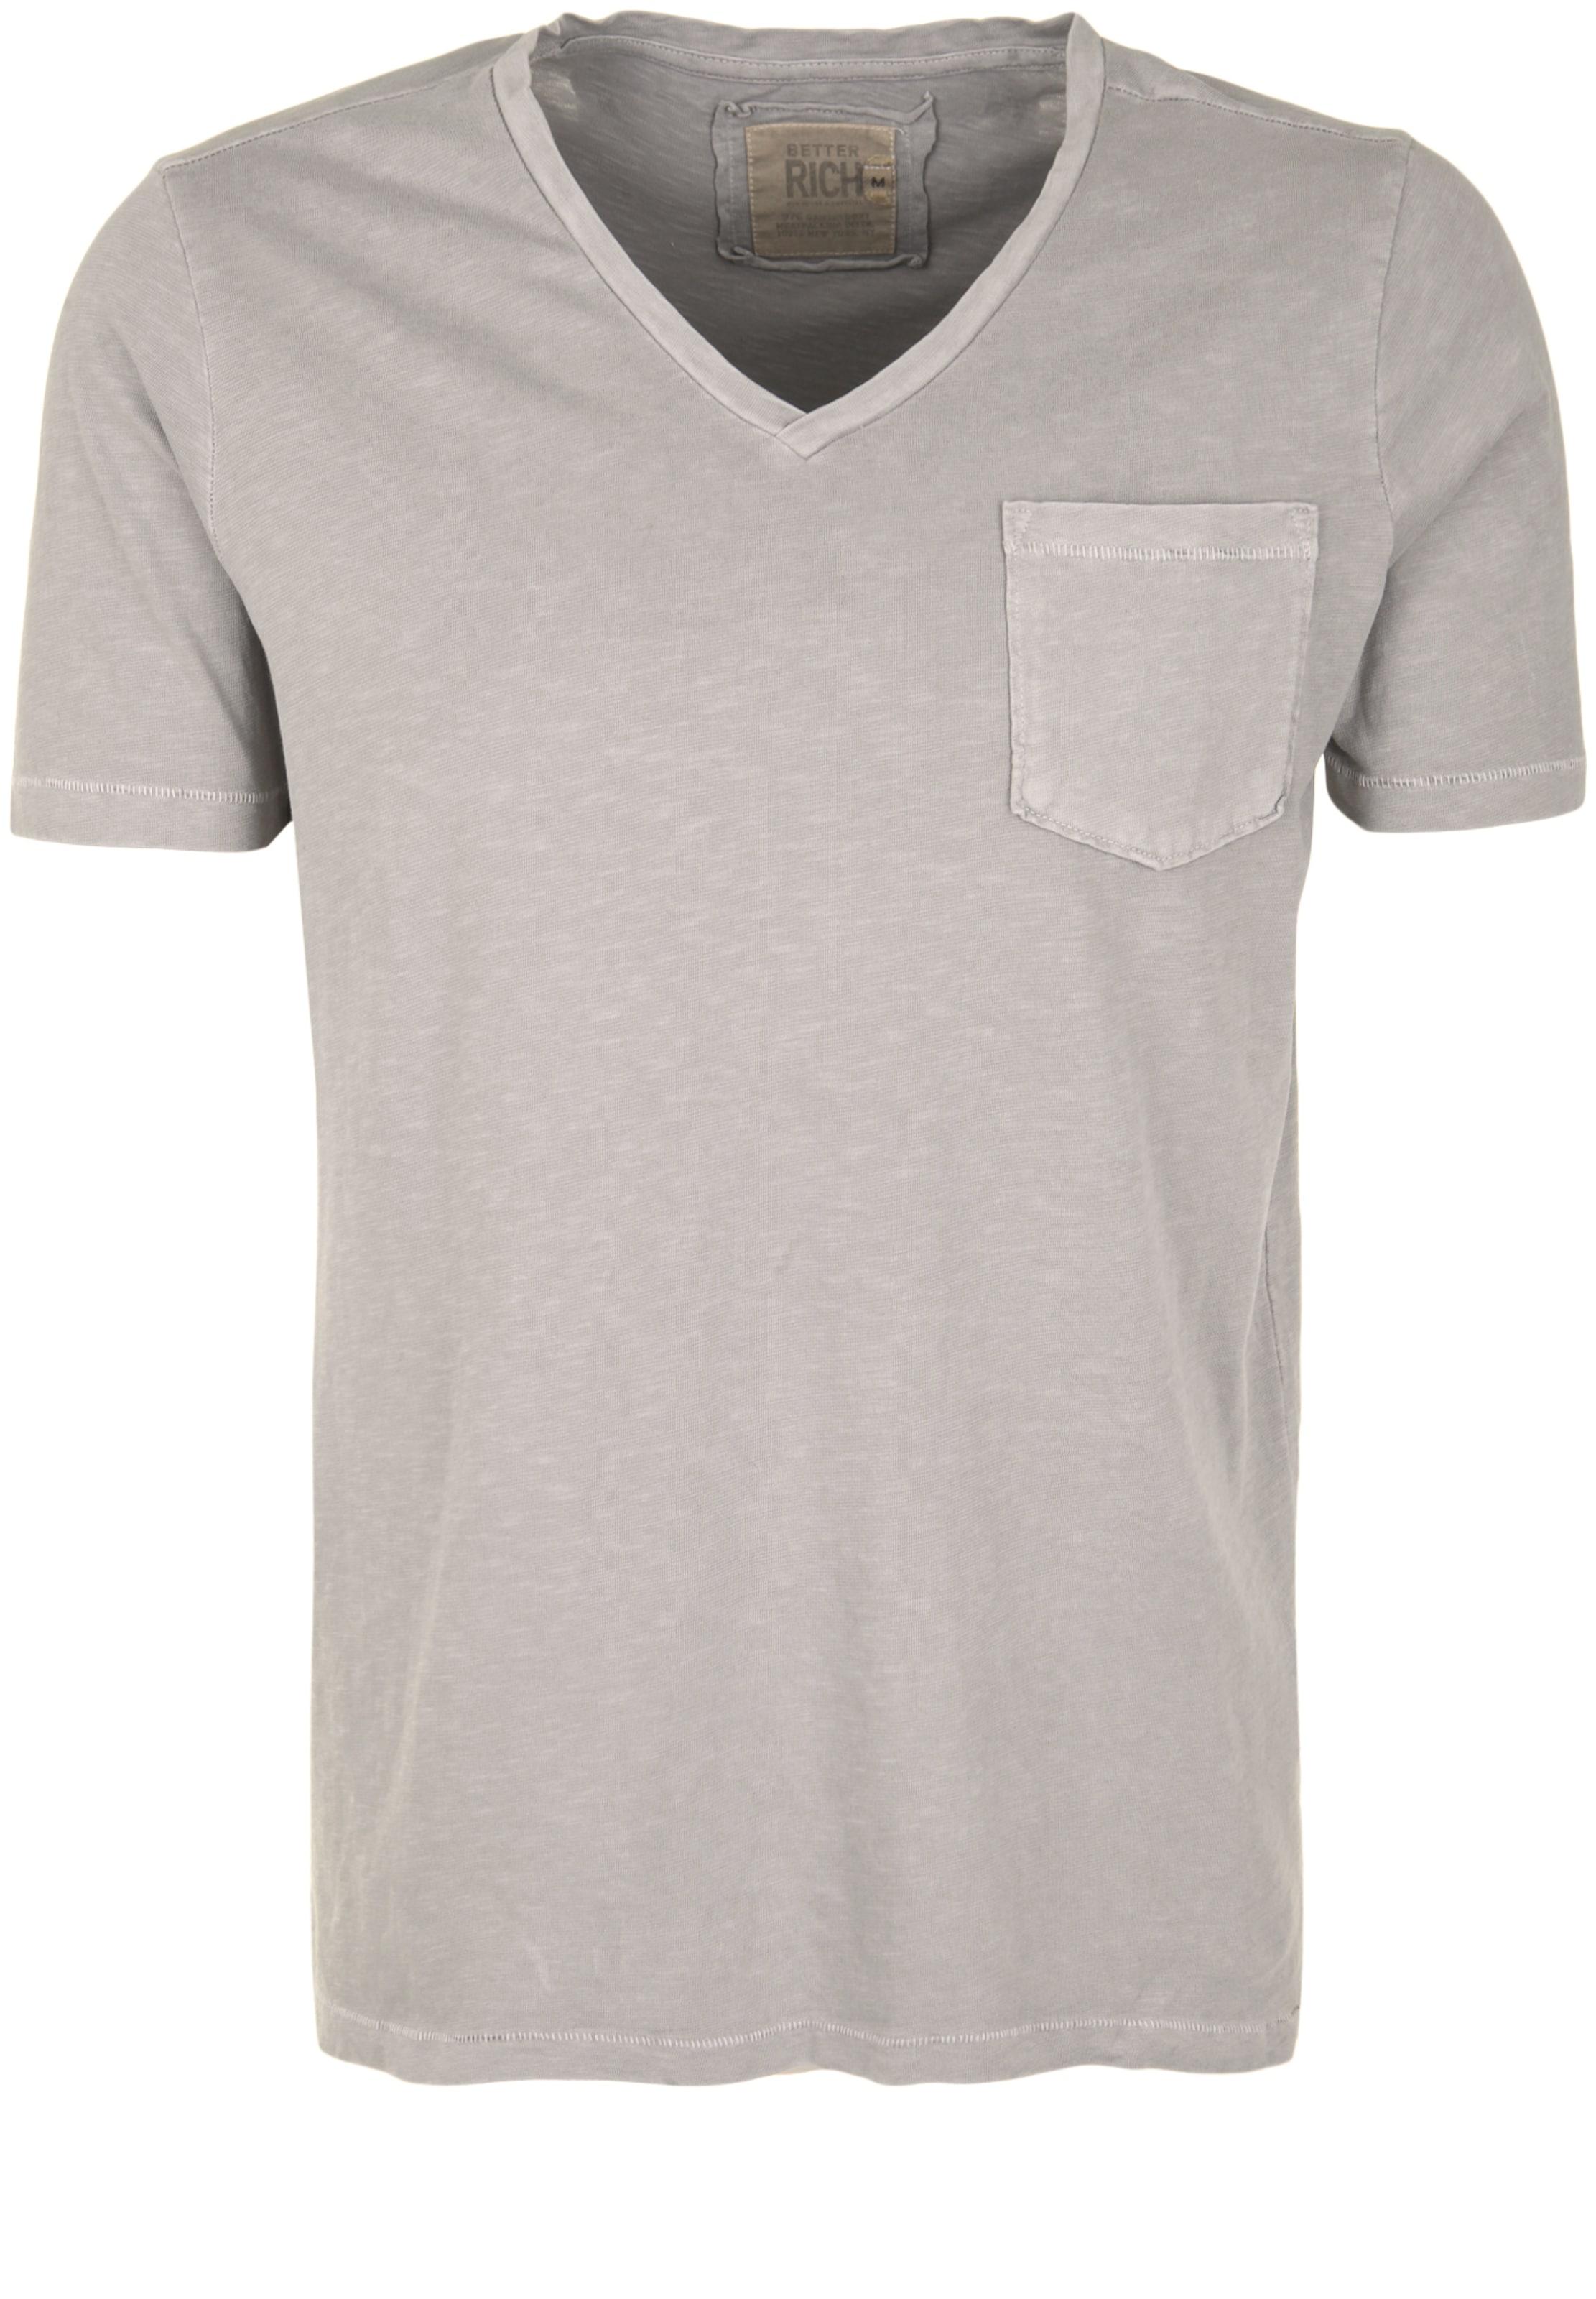 Freies Verschiffen Bester Verkauf Neue Preiswerte Online BETTER RICH T-Shirt mit V-Ausschnitt NZn3M